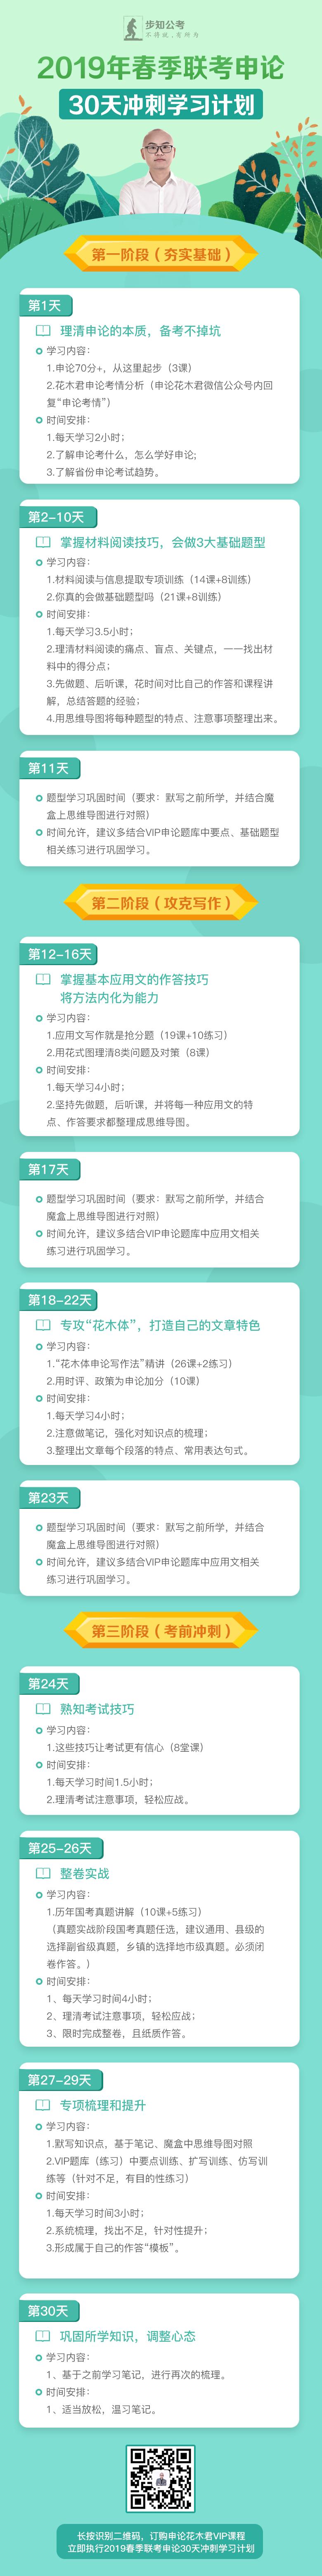 申论2019年春季联考30天计划 -.png